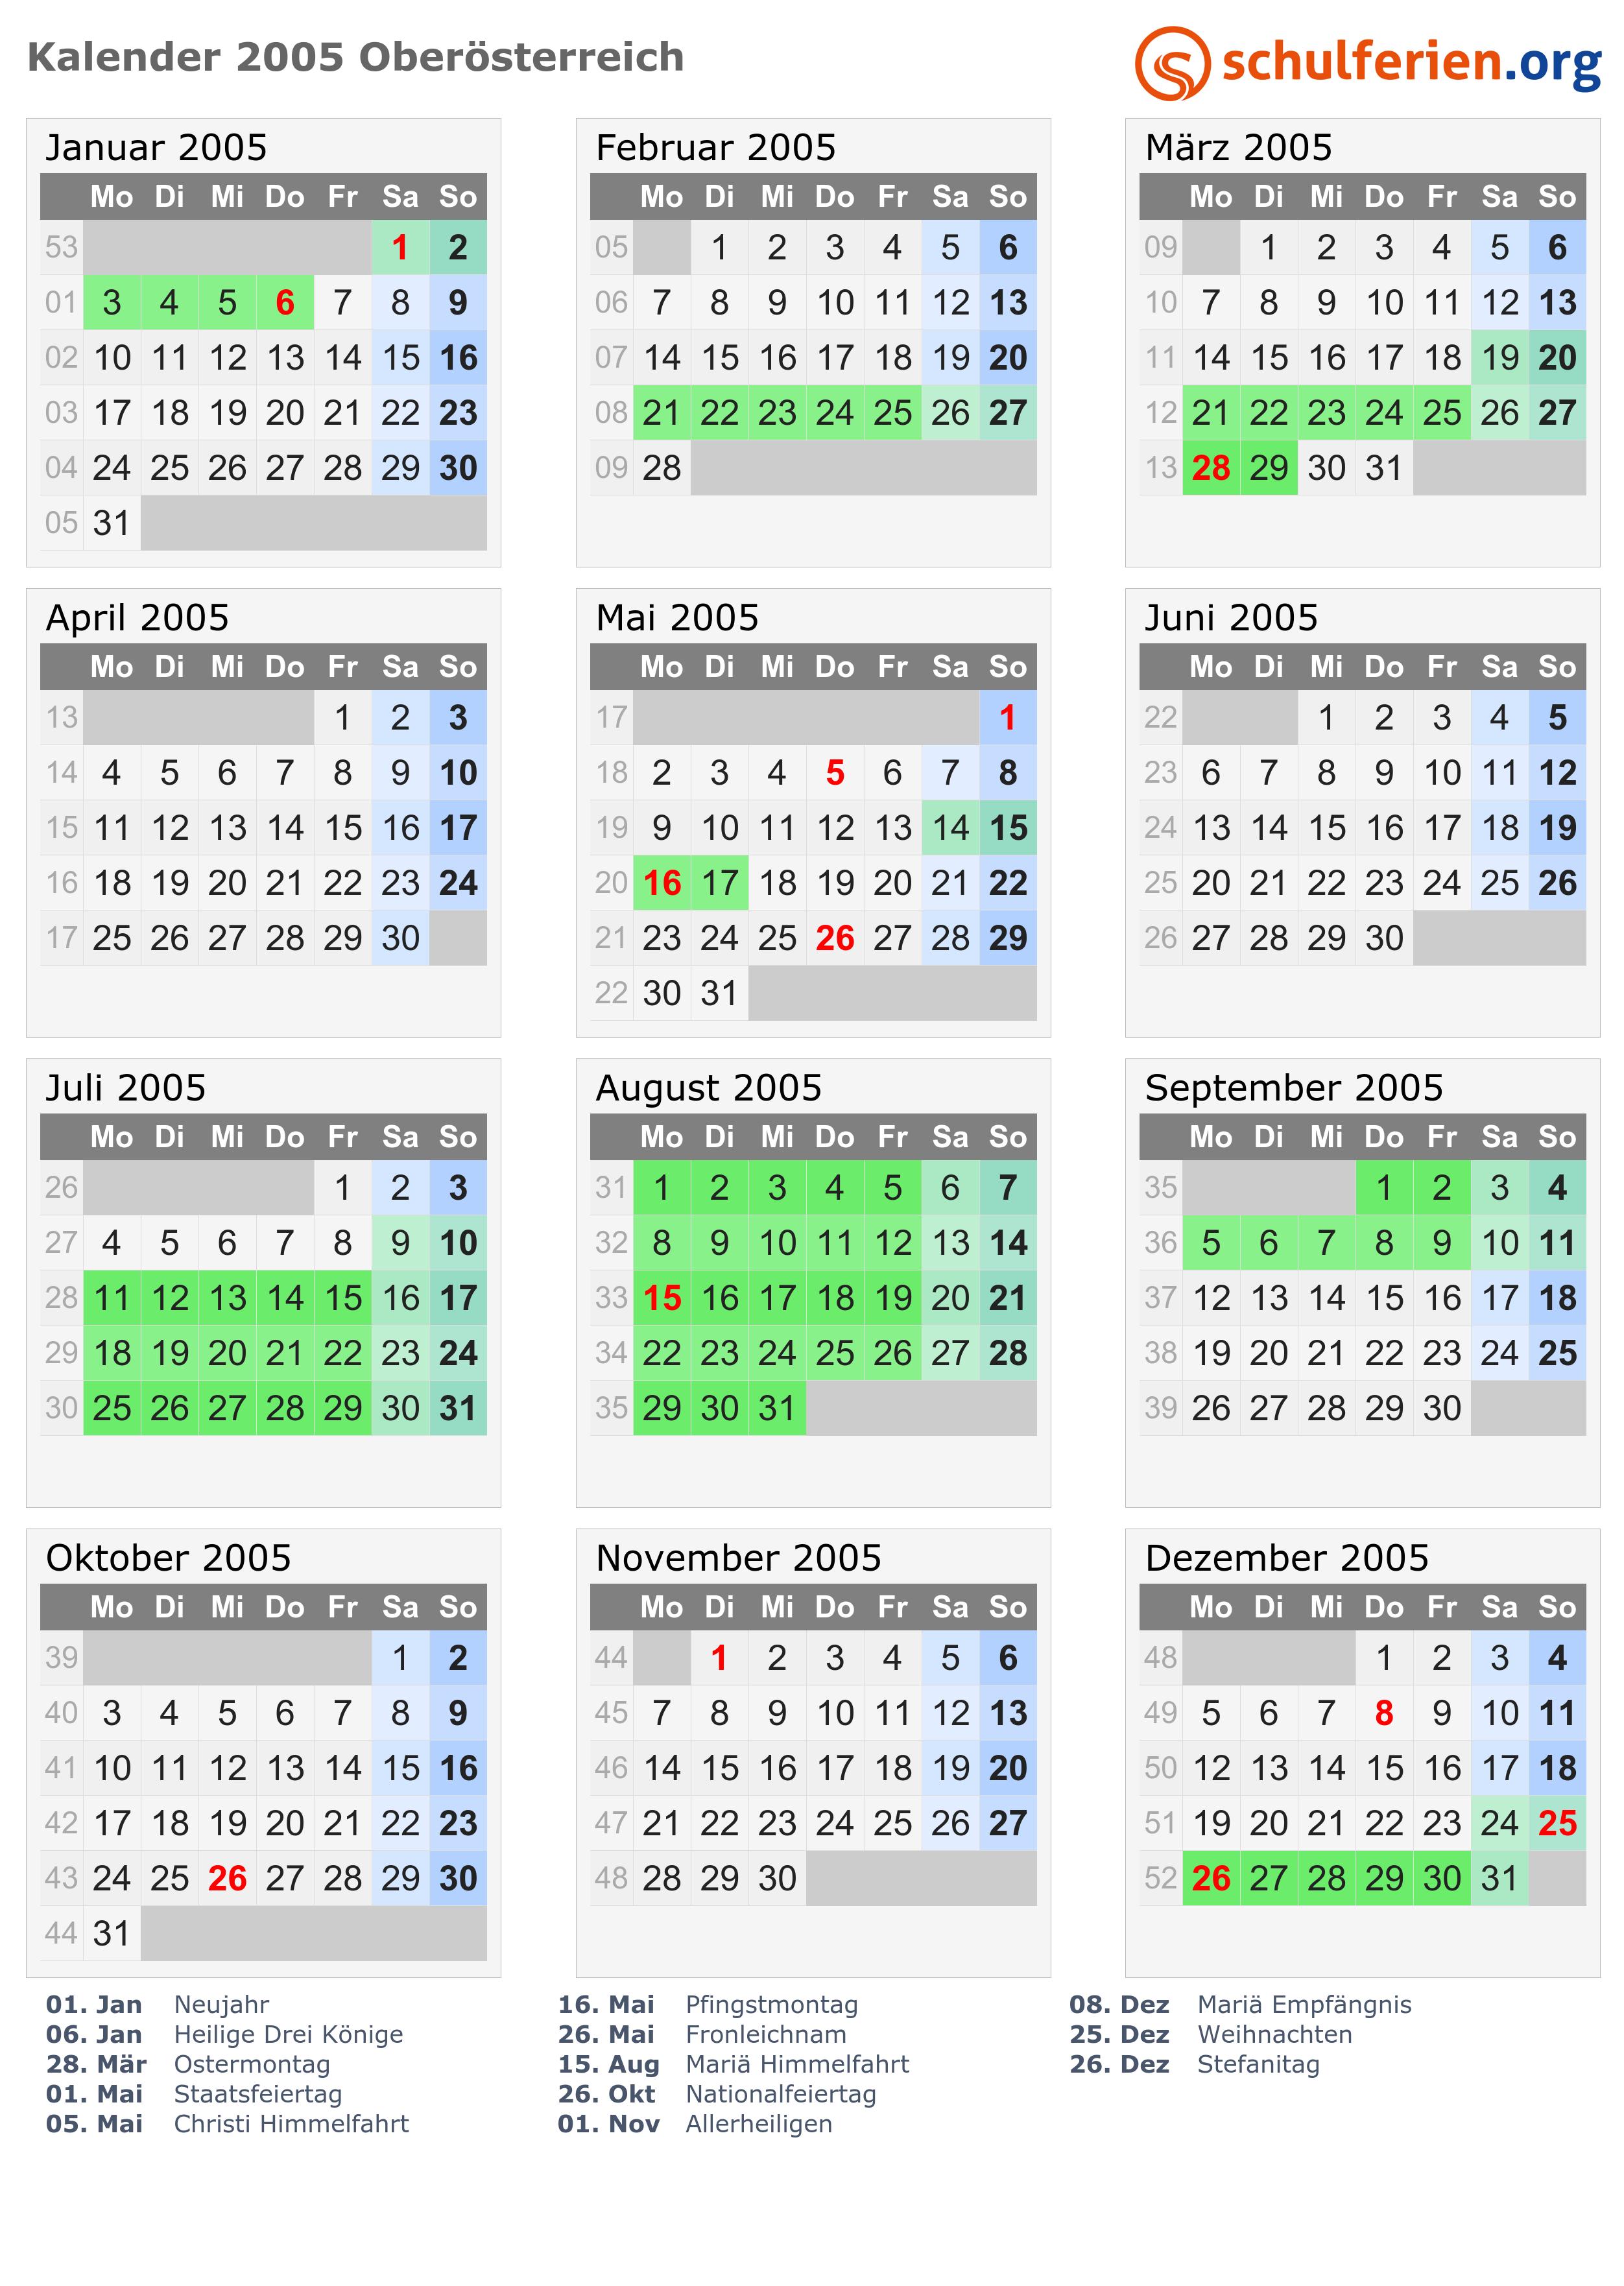 Kalender 2005 Oberösterreich